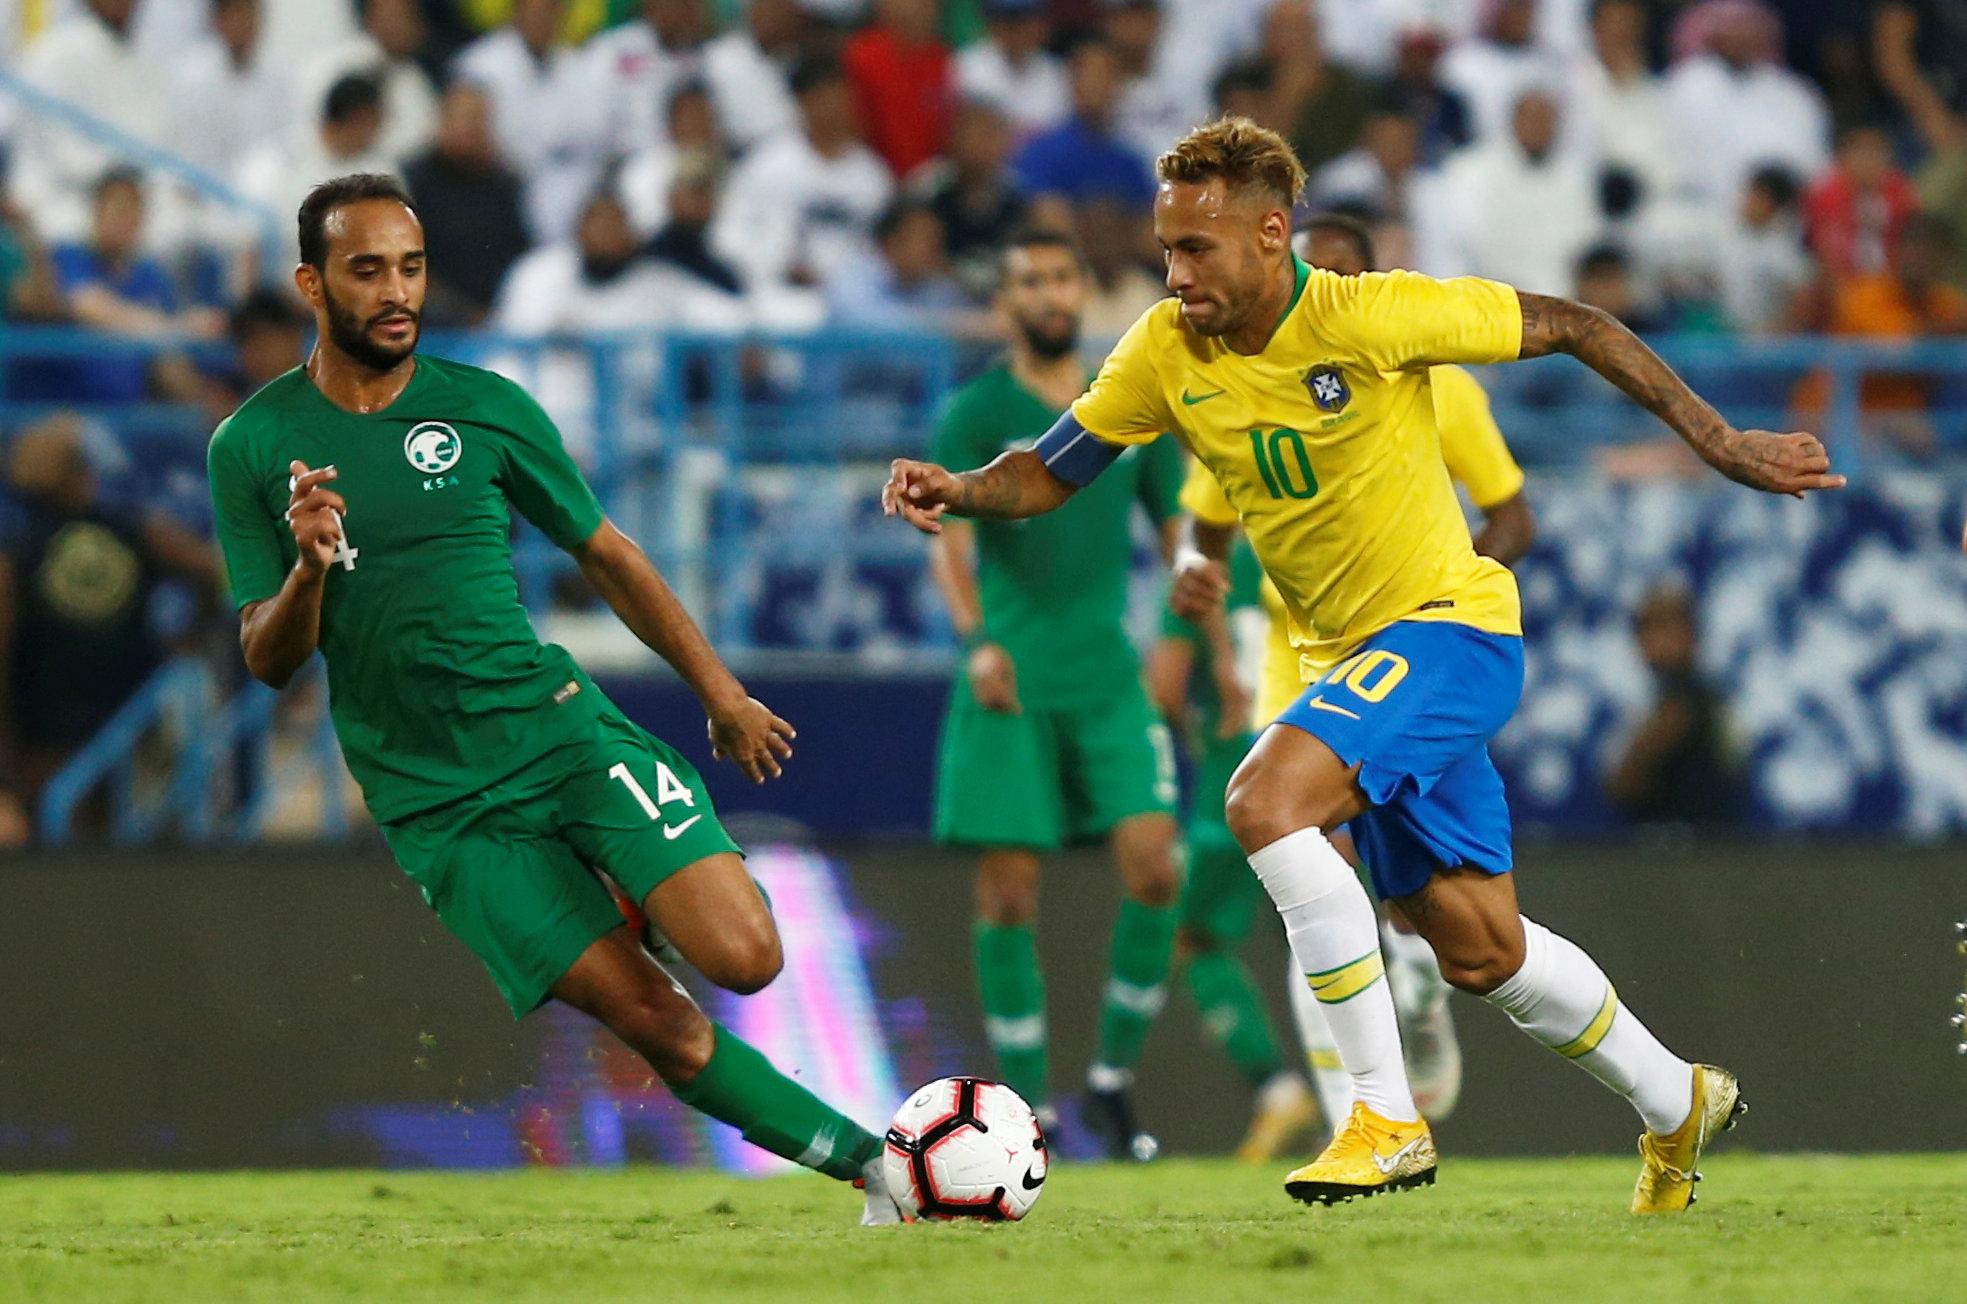 مباراة السعودية ضد البرازيل 24